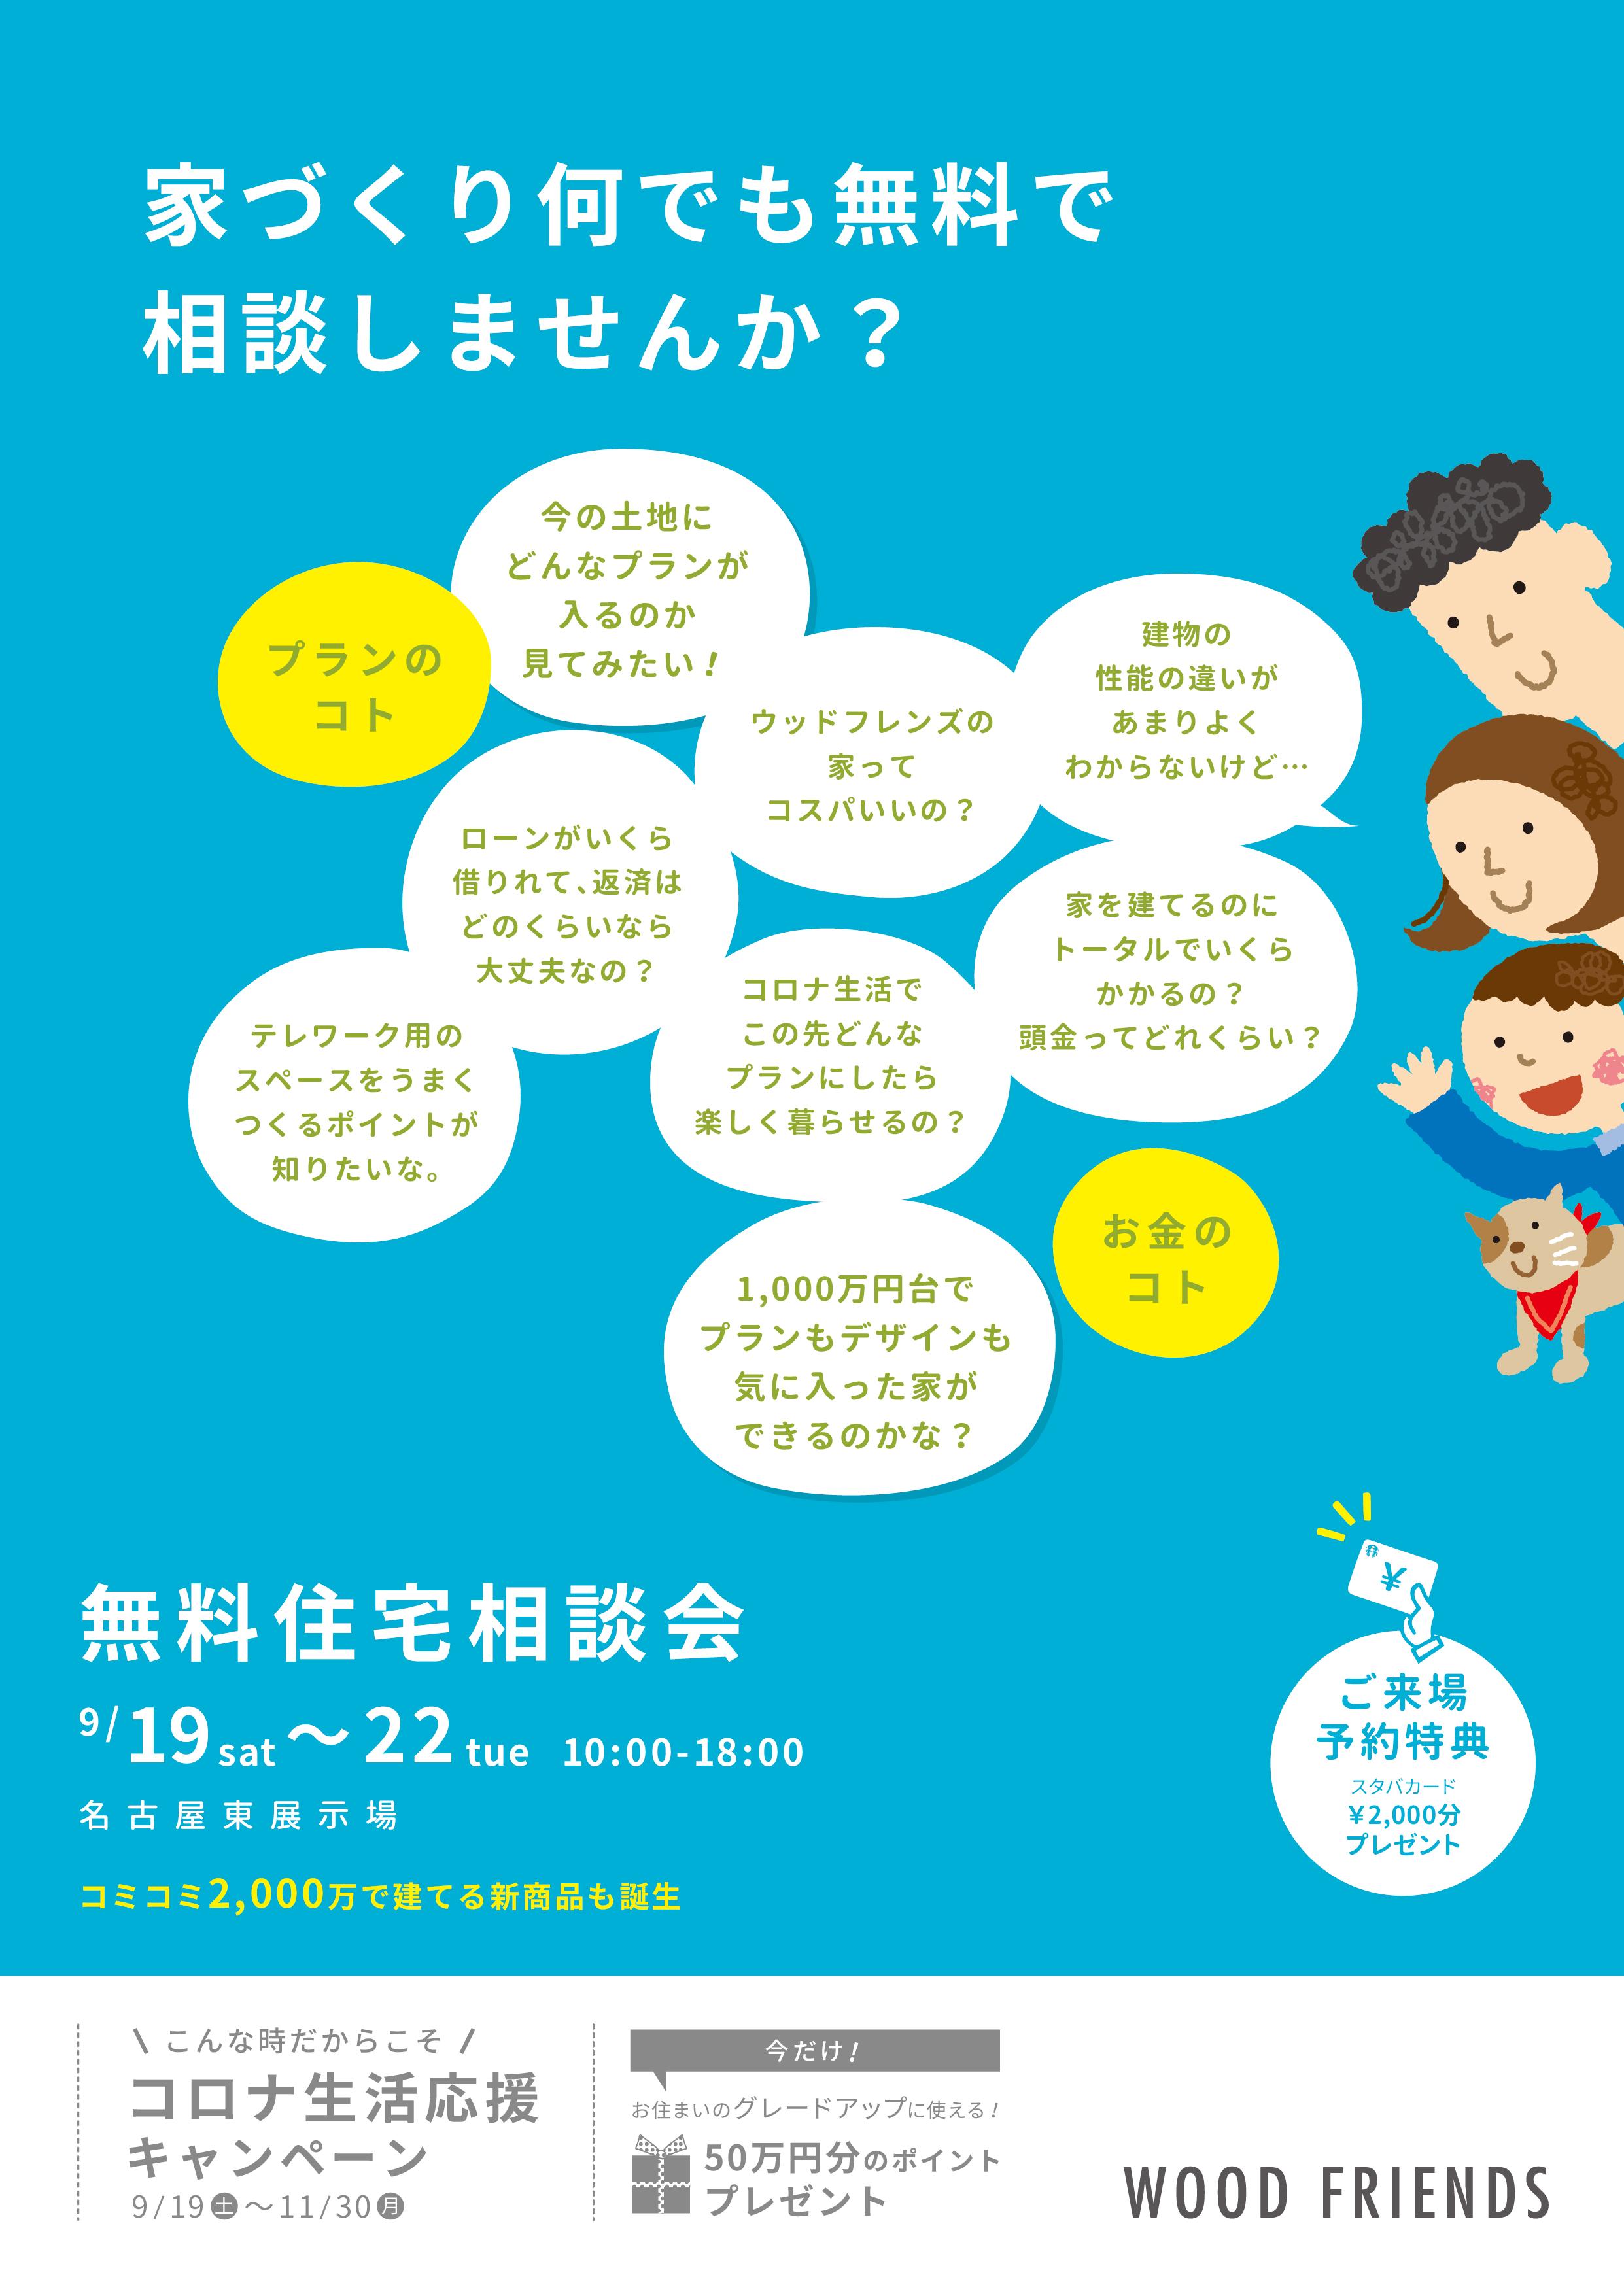 【終了】9/19(土)~22(火祝)名古屋東展示場にて《無料 住宅相談会》を開催します!